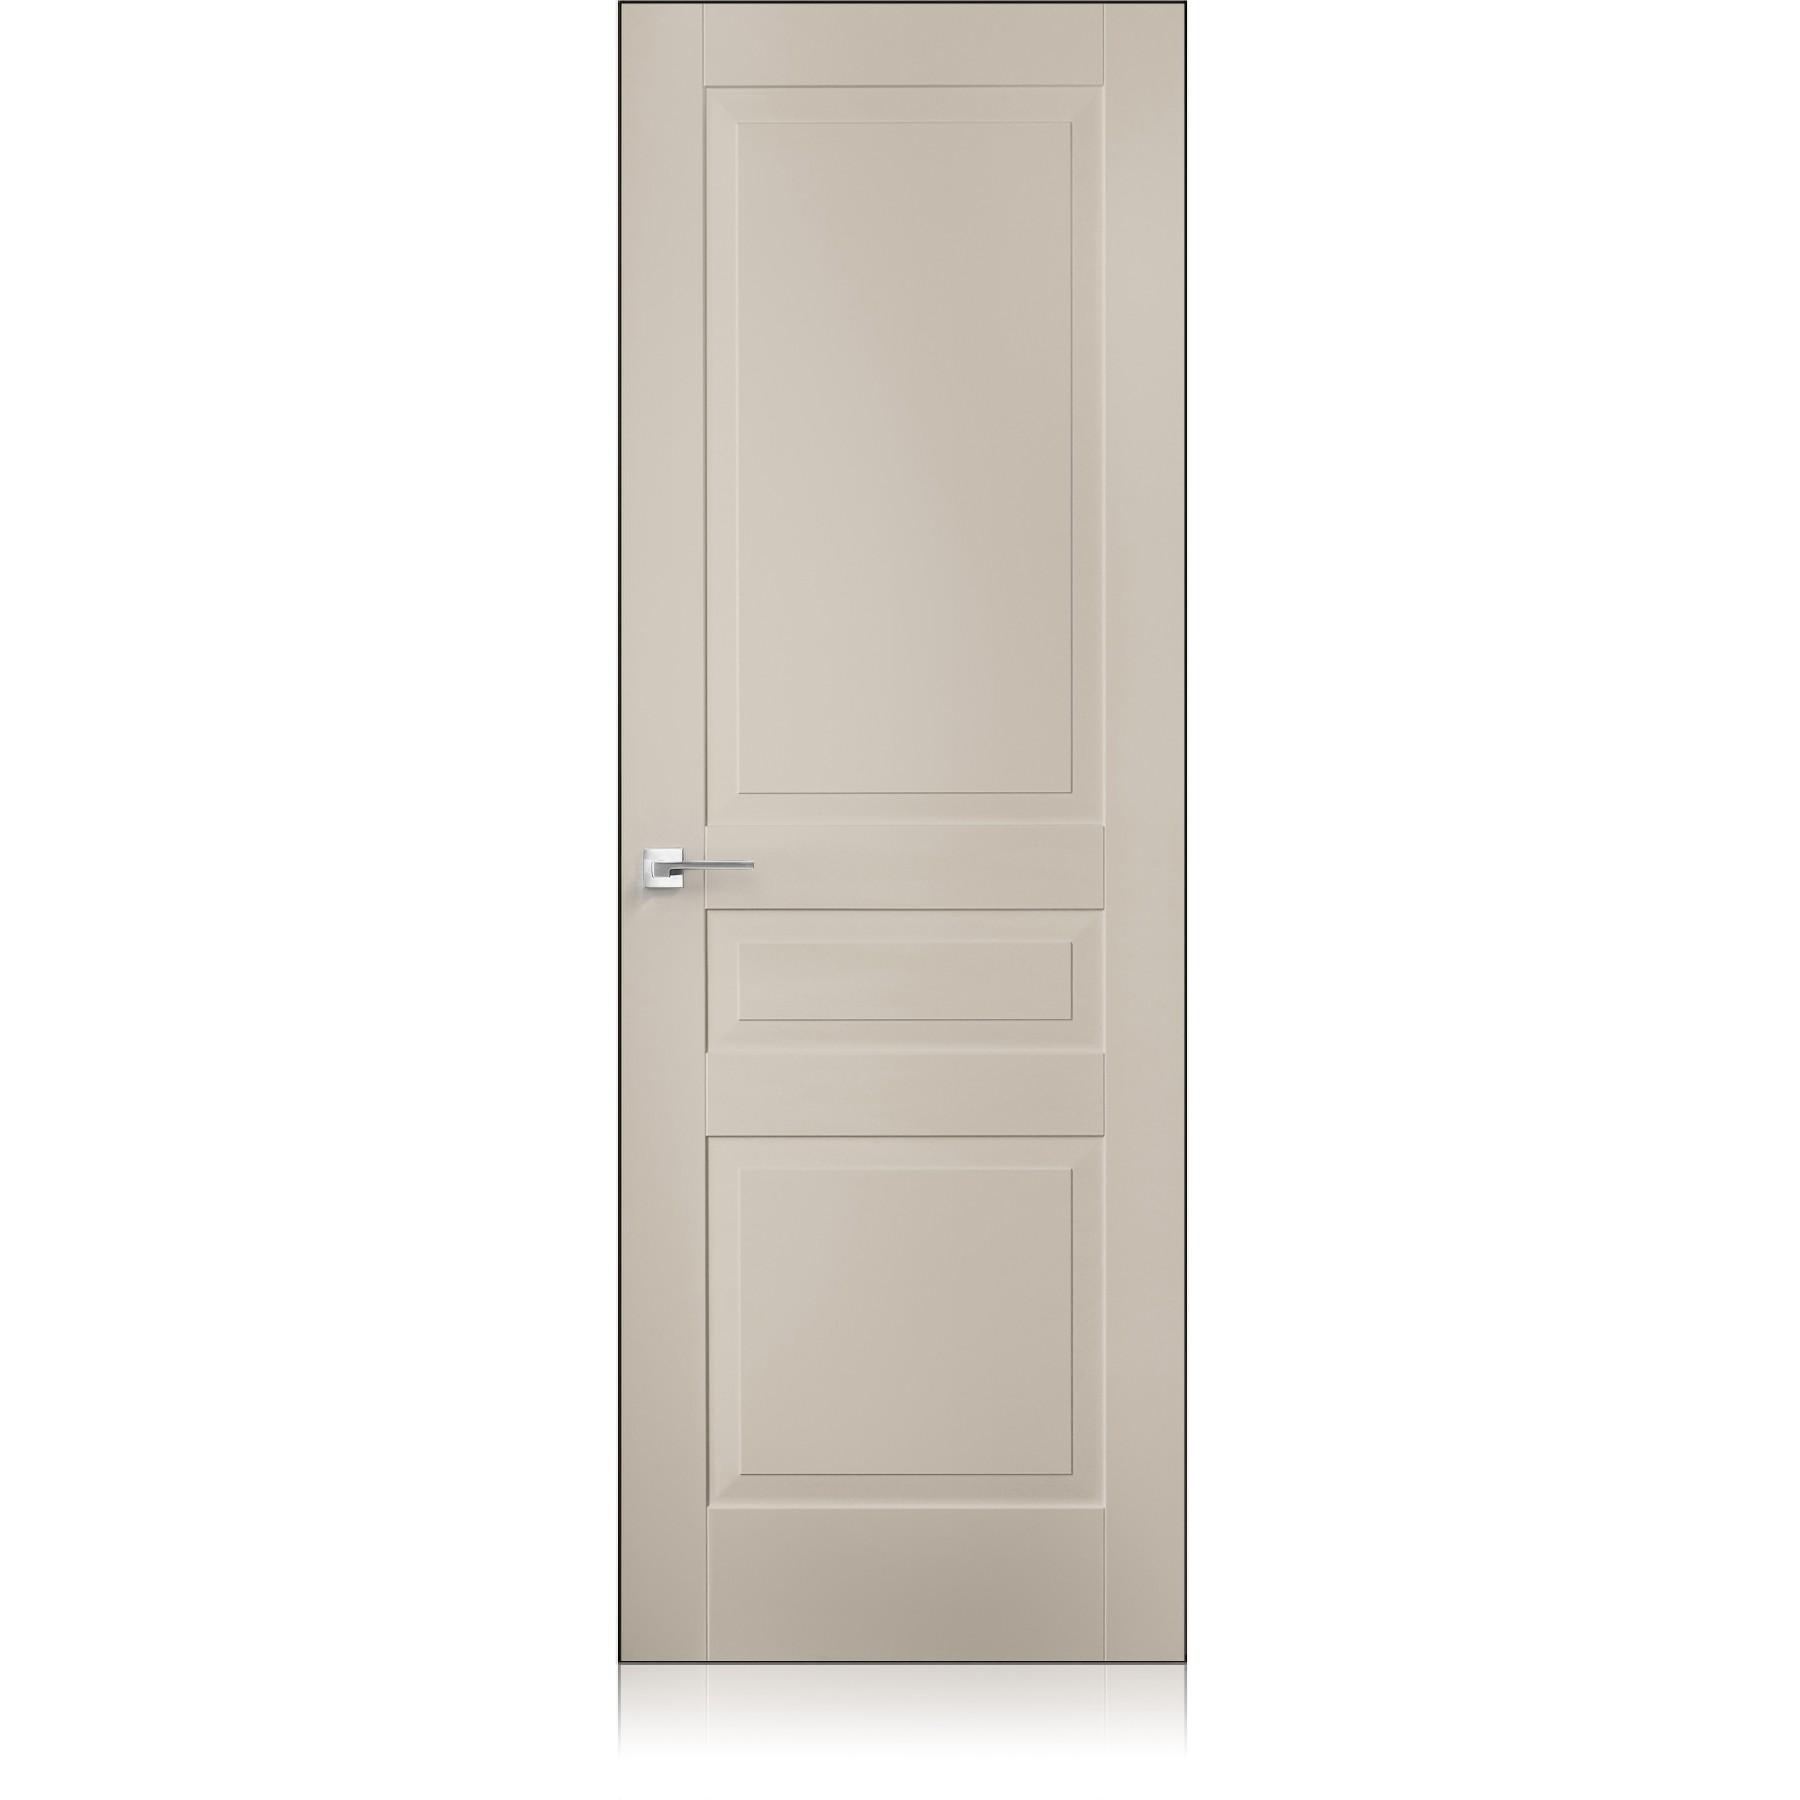 Suite / 27 Zero tortora door